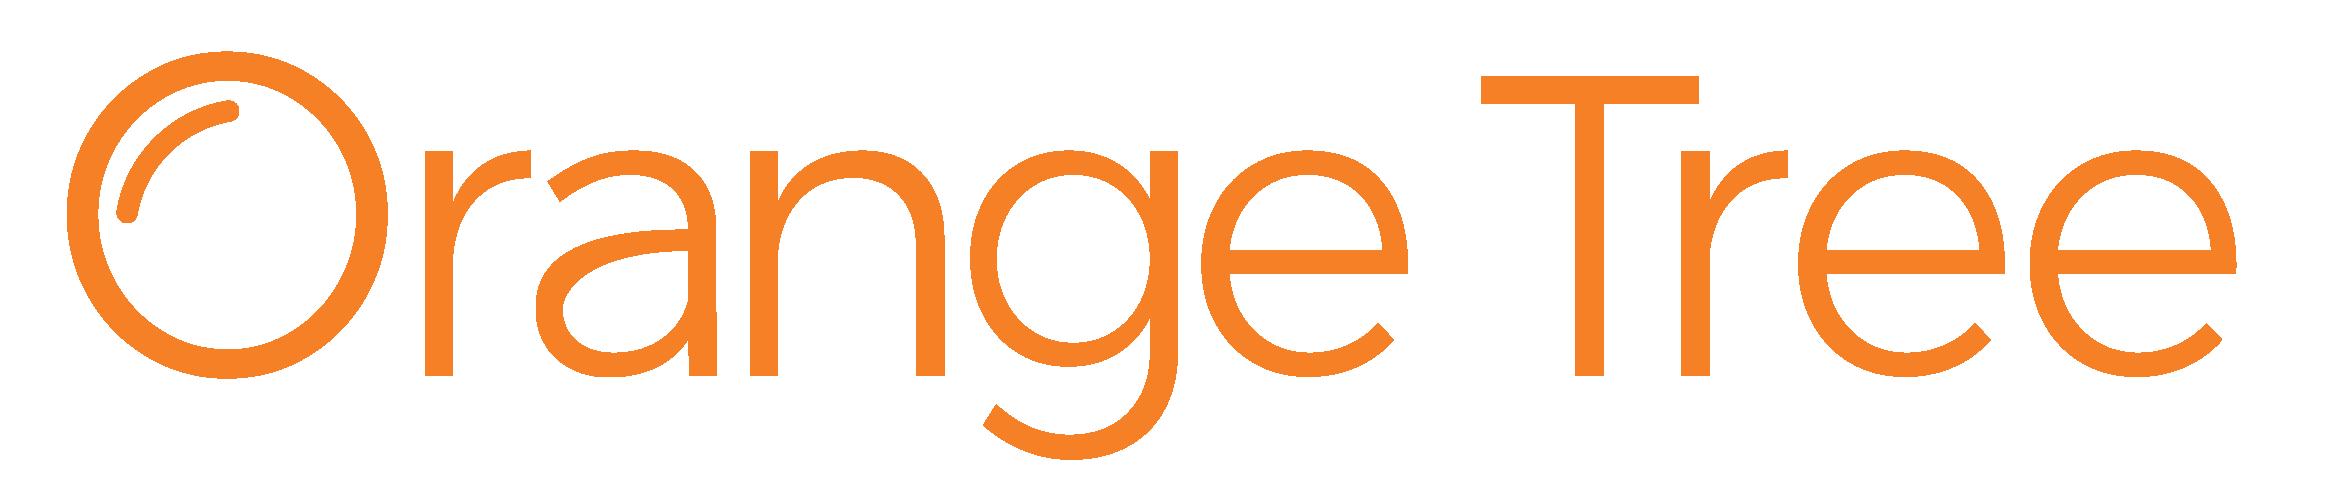 19_otes_logo-01-2